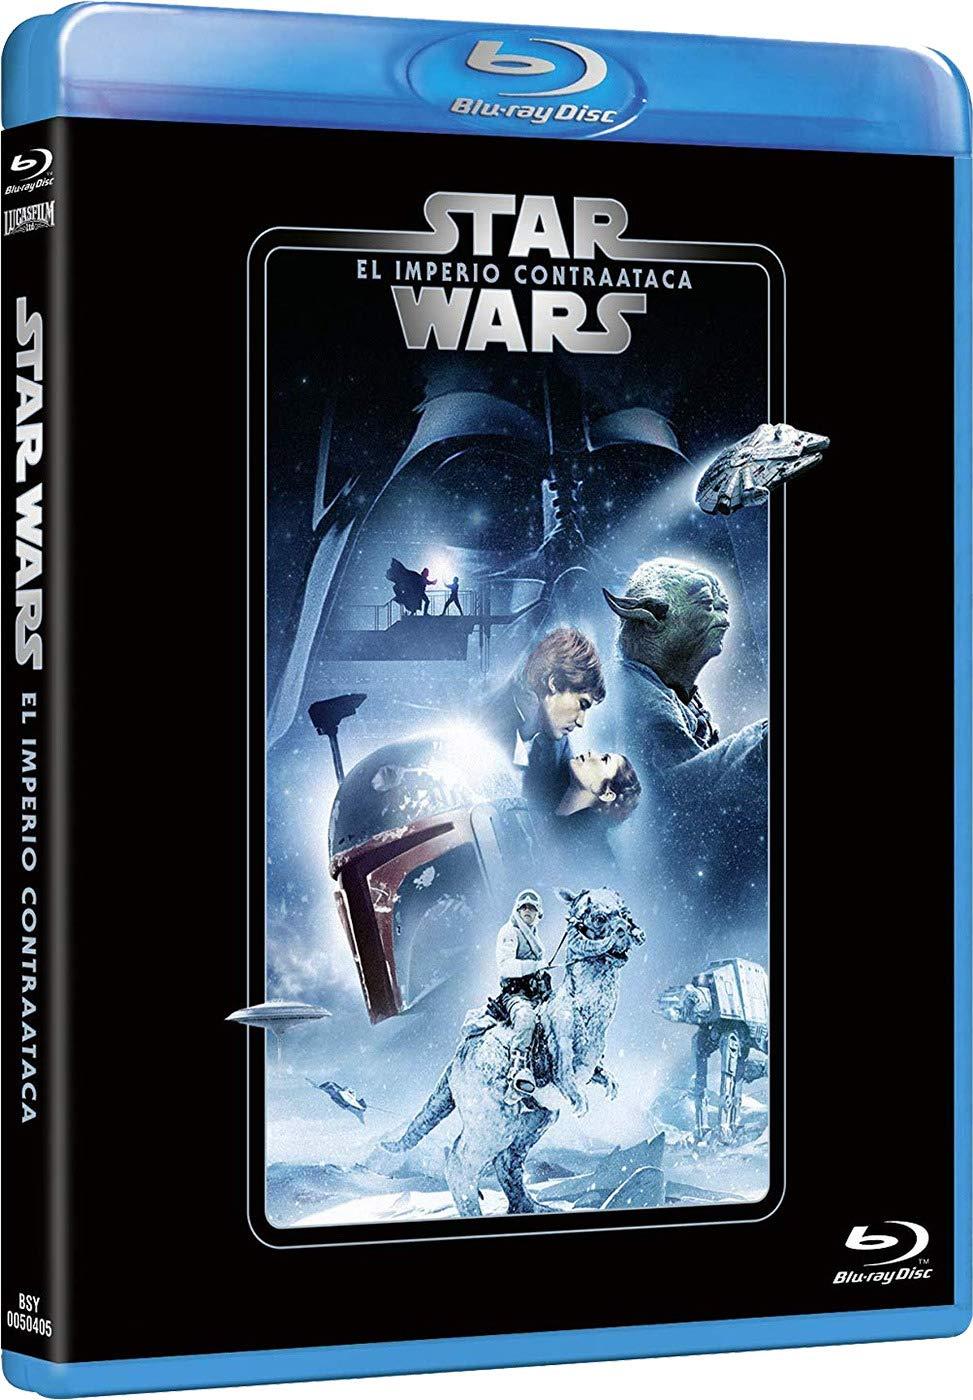 Star Wars Ep. V: El imperio contraataca Edición remasterizada 2 discos película + extras Blu-ray: Amazon.es: Mark Hamill, Harrison Ford, Carrie Fisher, Irvin Kershner, Mark Hamill, Harrison Ford, Gary Kurtz: Cine y